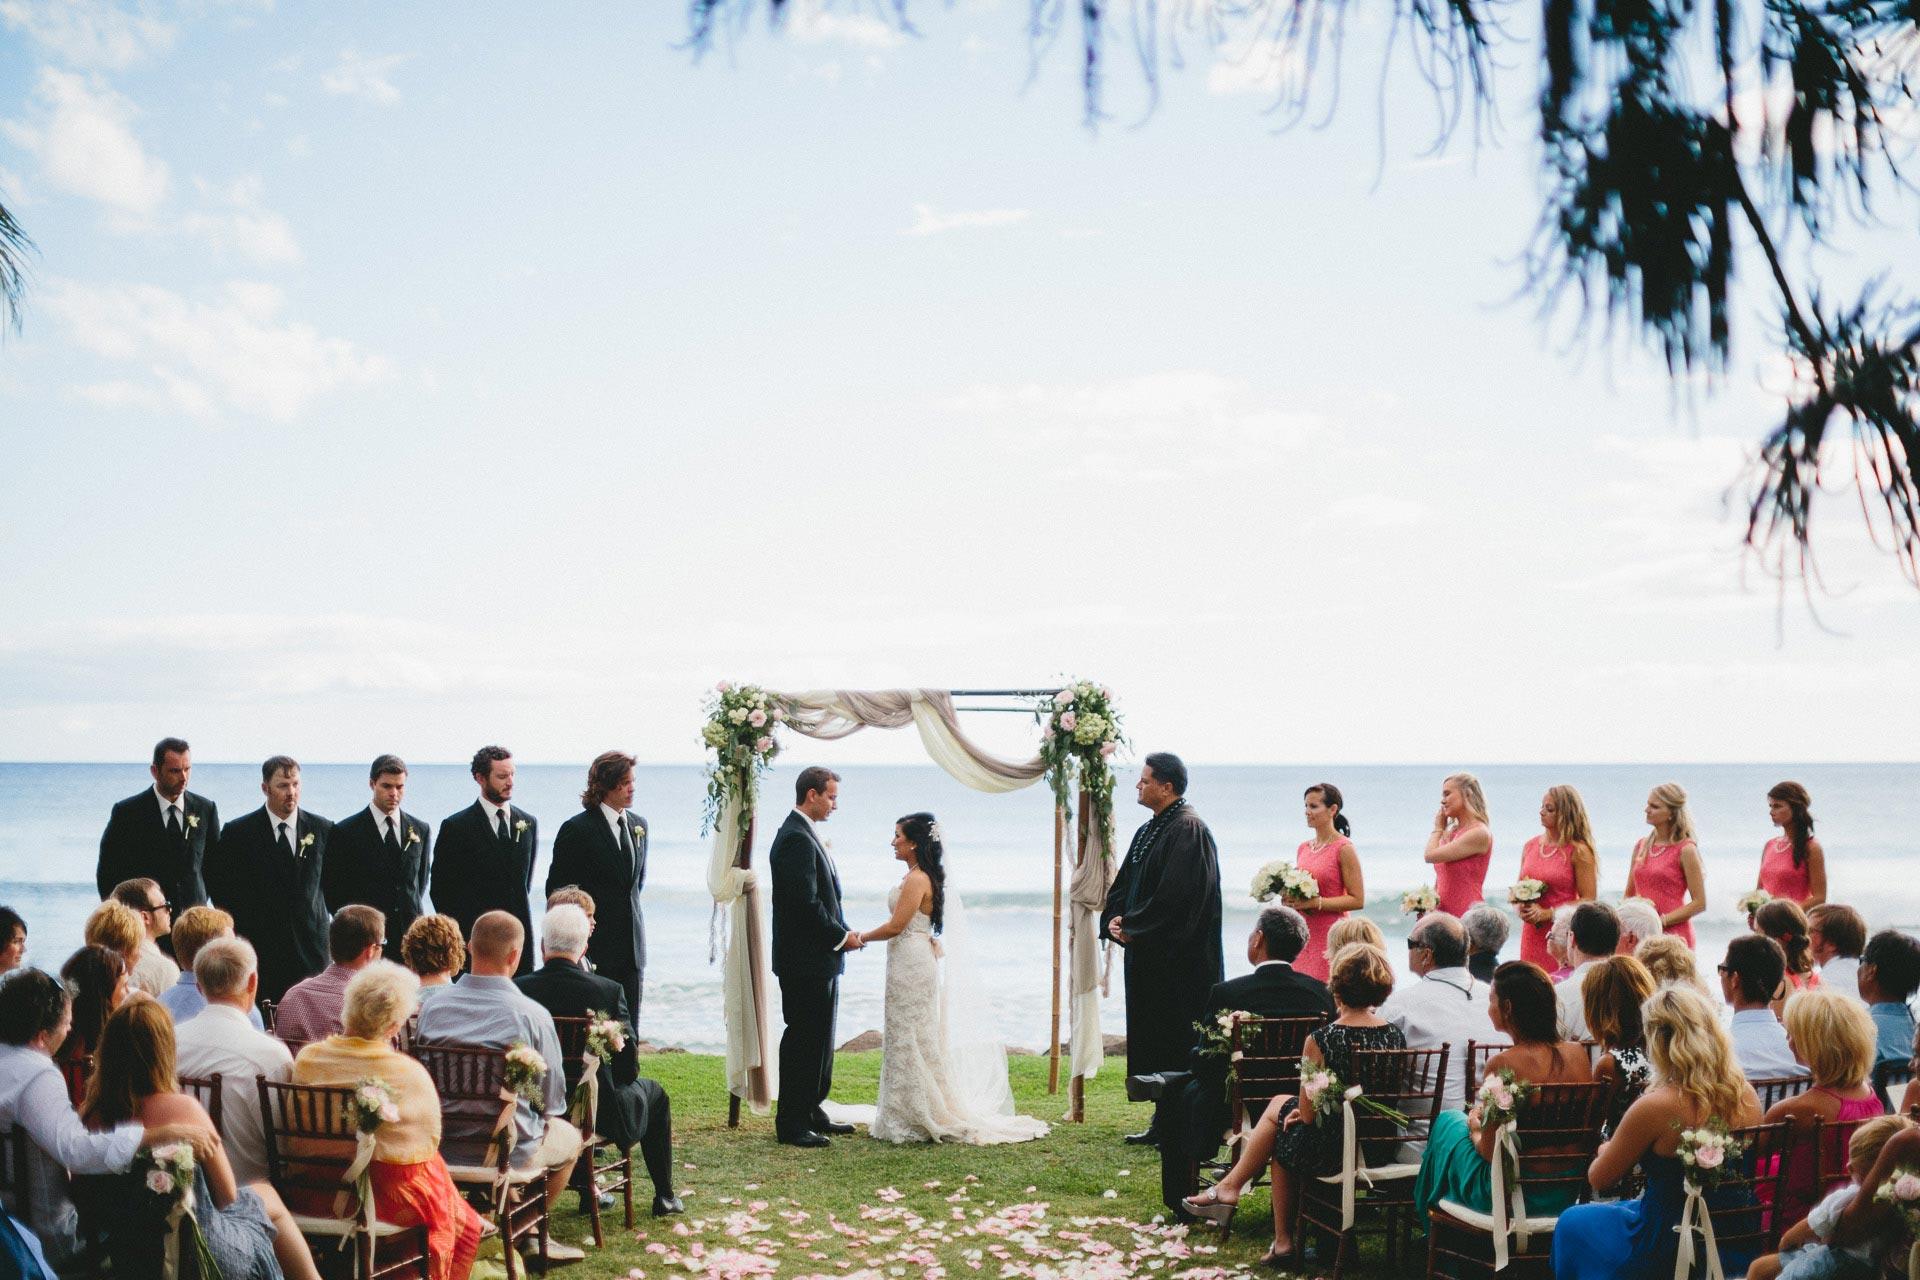 KW-Maui-Hawaii-Wedding-093@2x.jpg